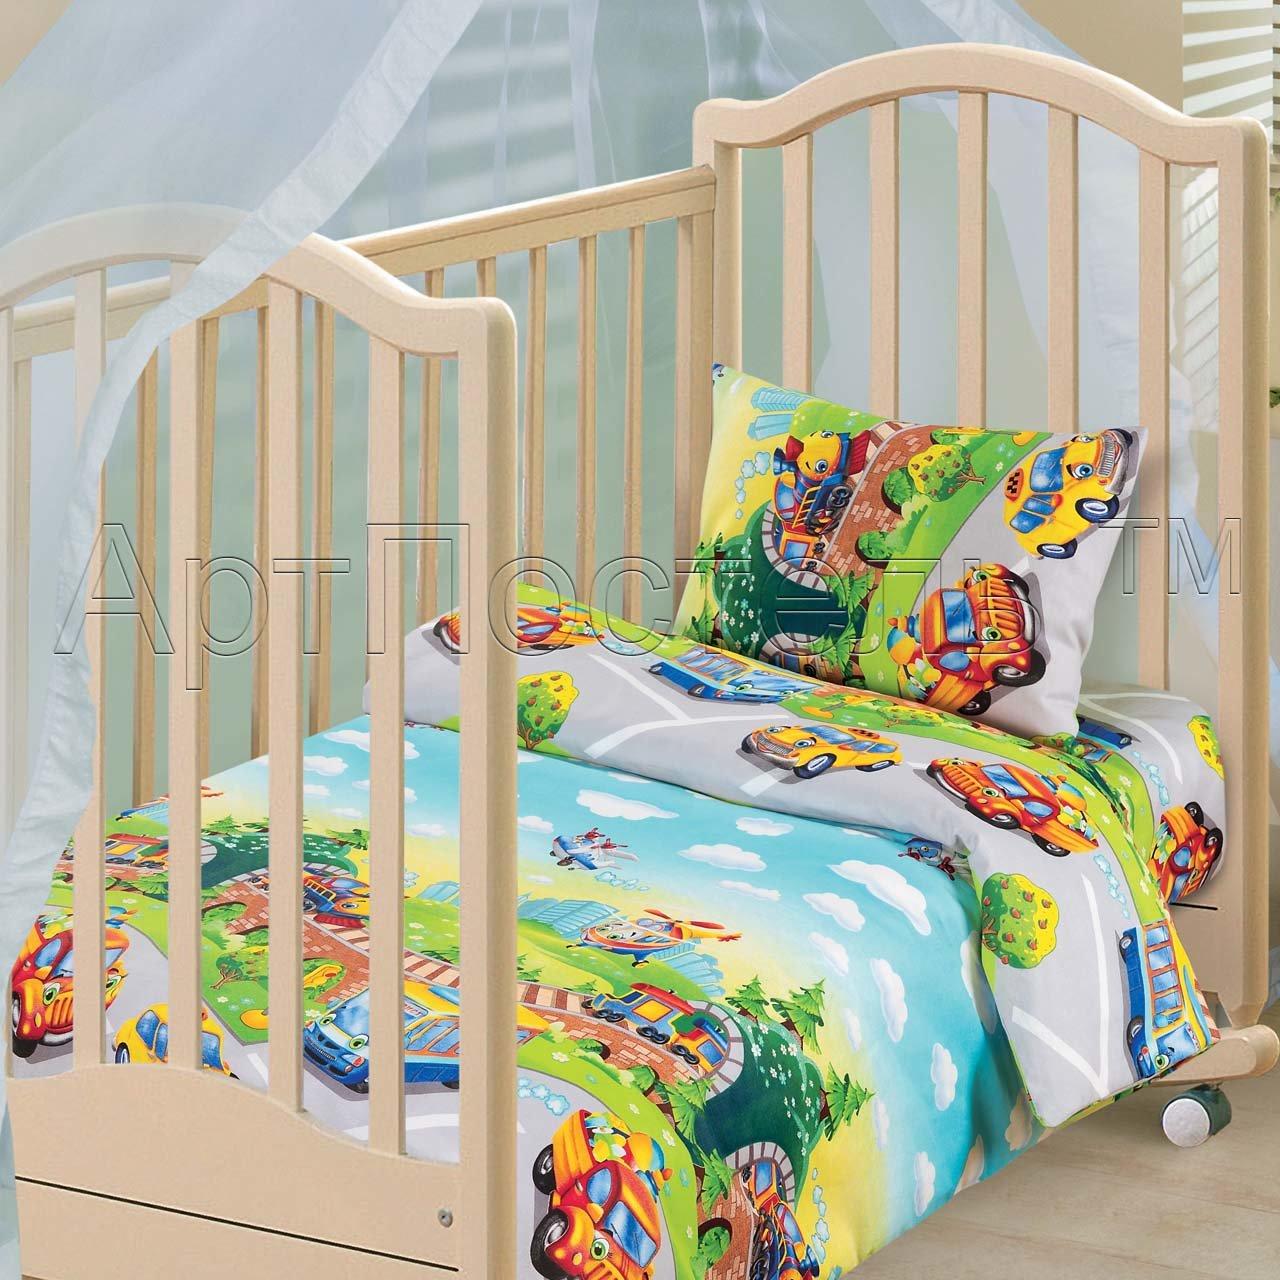 Постельное белье в кроватку, бязь Артпостель детский парк Ясельное (В кроватку для новорожденных)